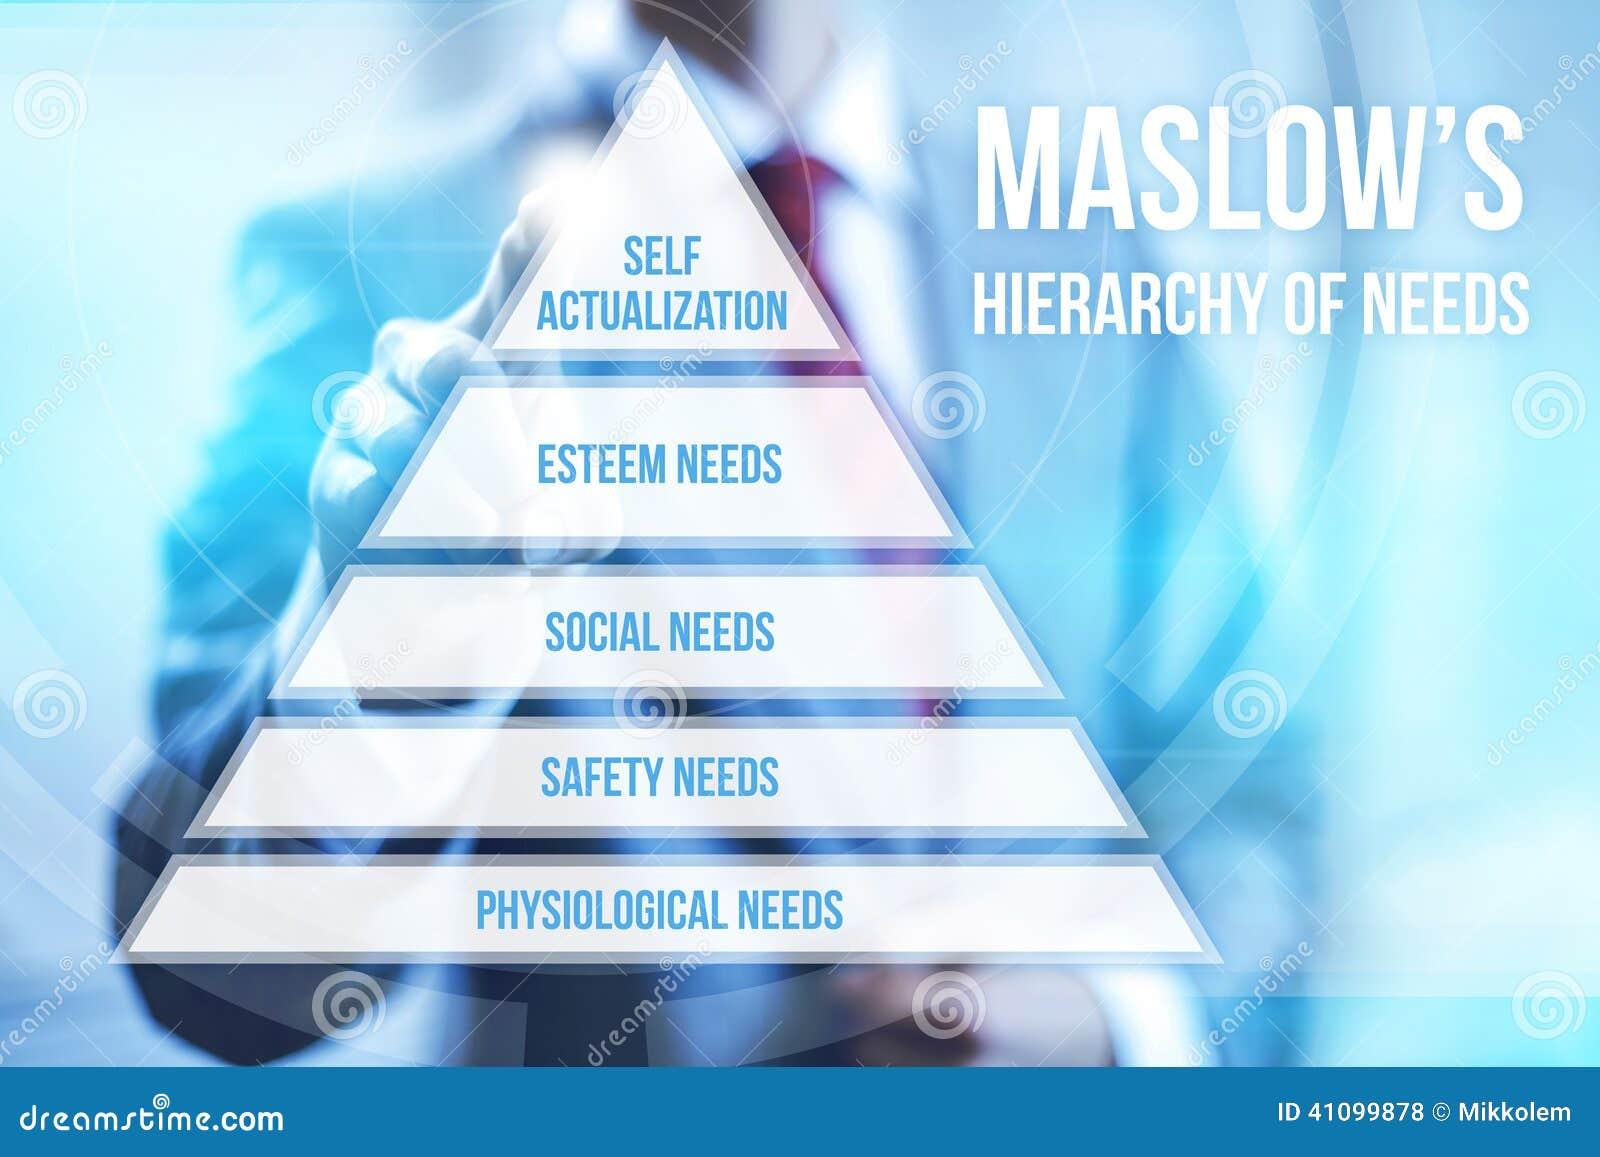 Hierarchii maslow potrzebuje s